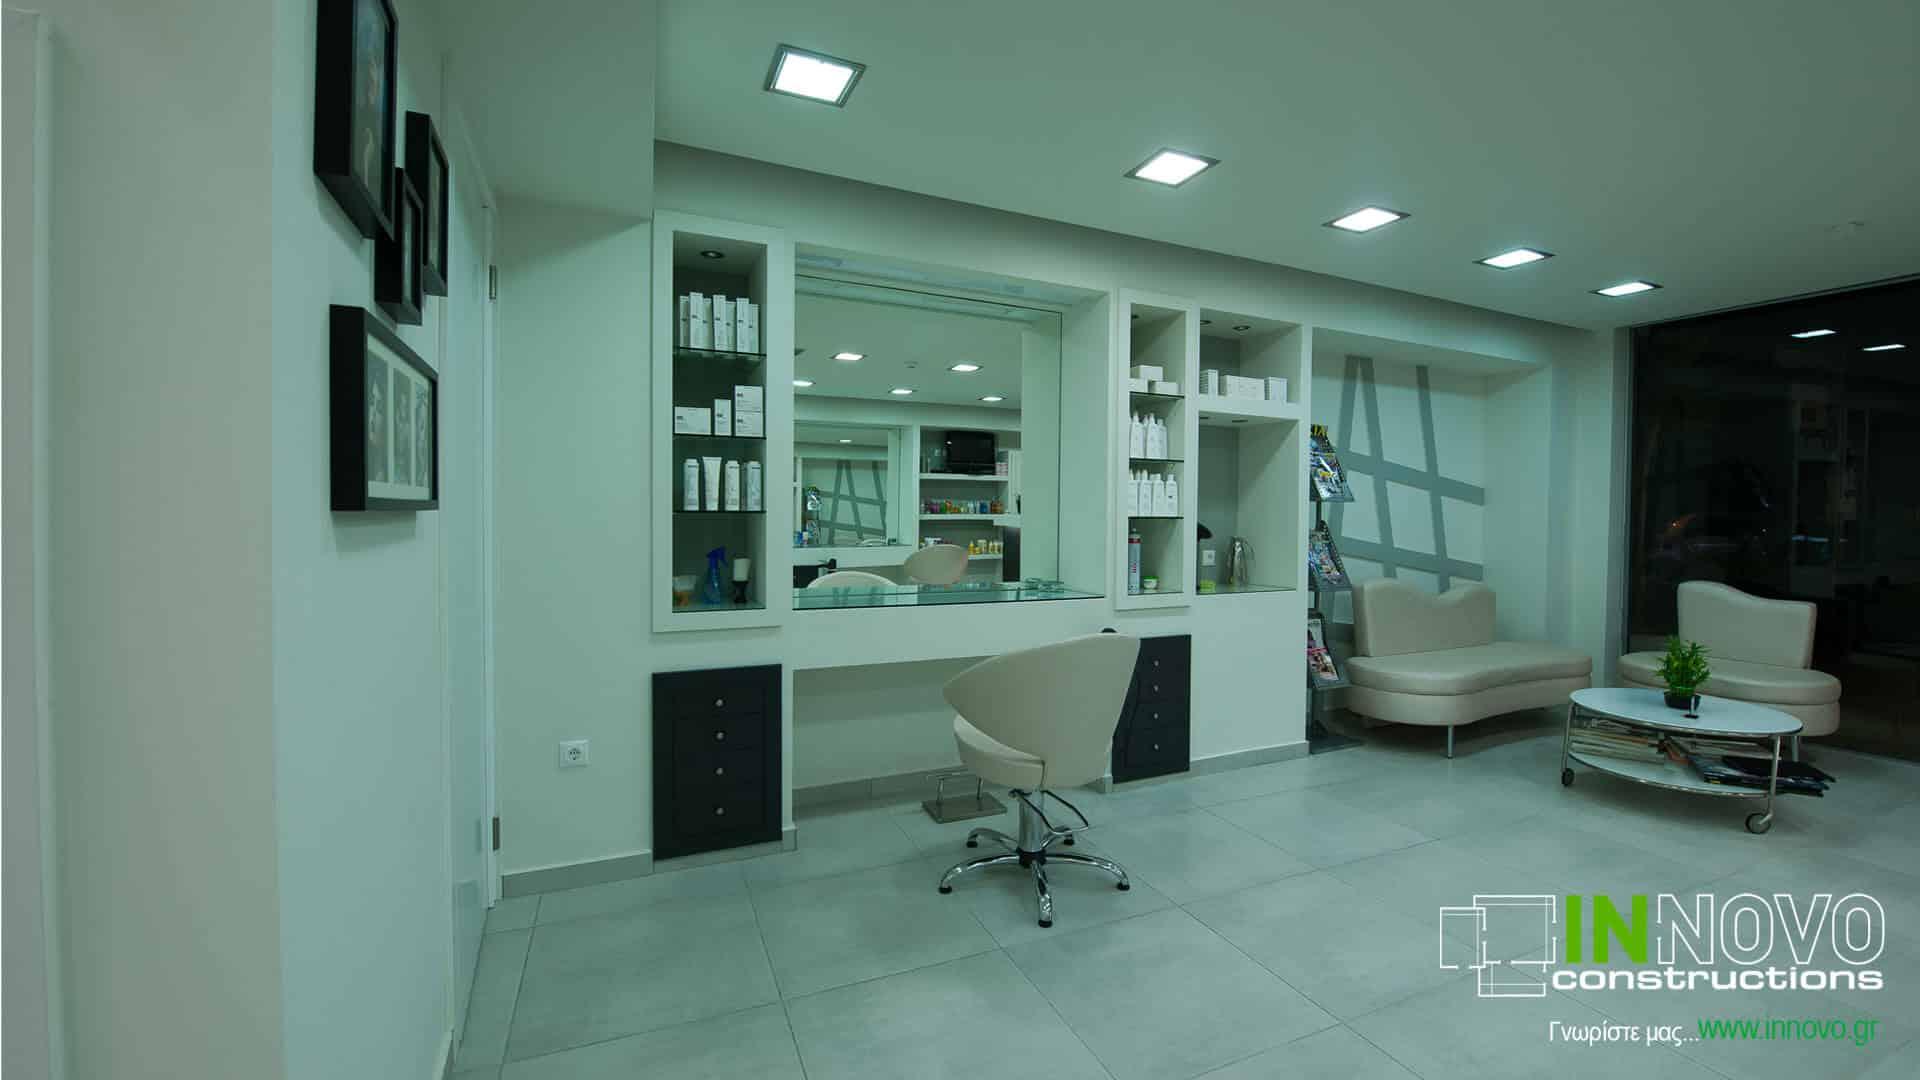 kataskevi-kommotiriou-hairdressers-construction-kommotirio-renti-1365-4